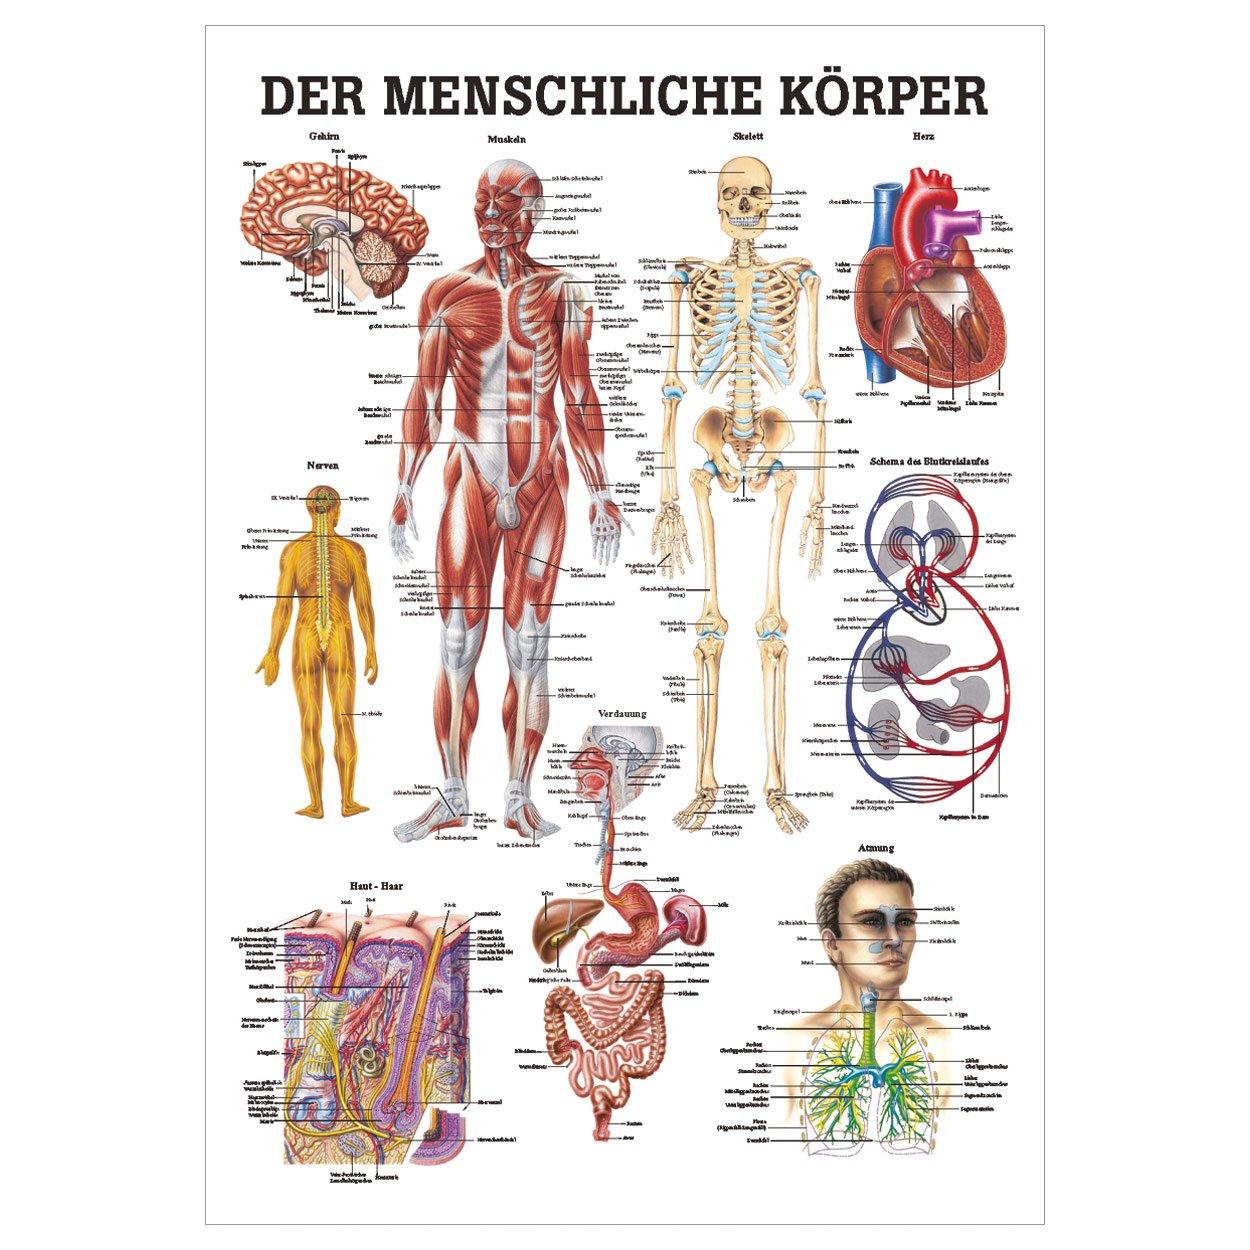 Groß Bilder Von Nerven Im Menschlichen Körper Galerie - Physiologie ...